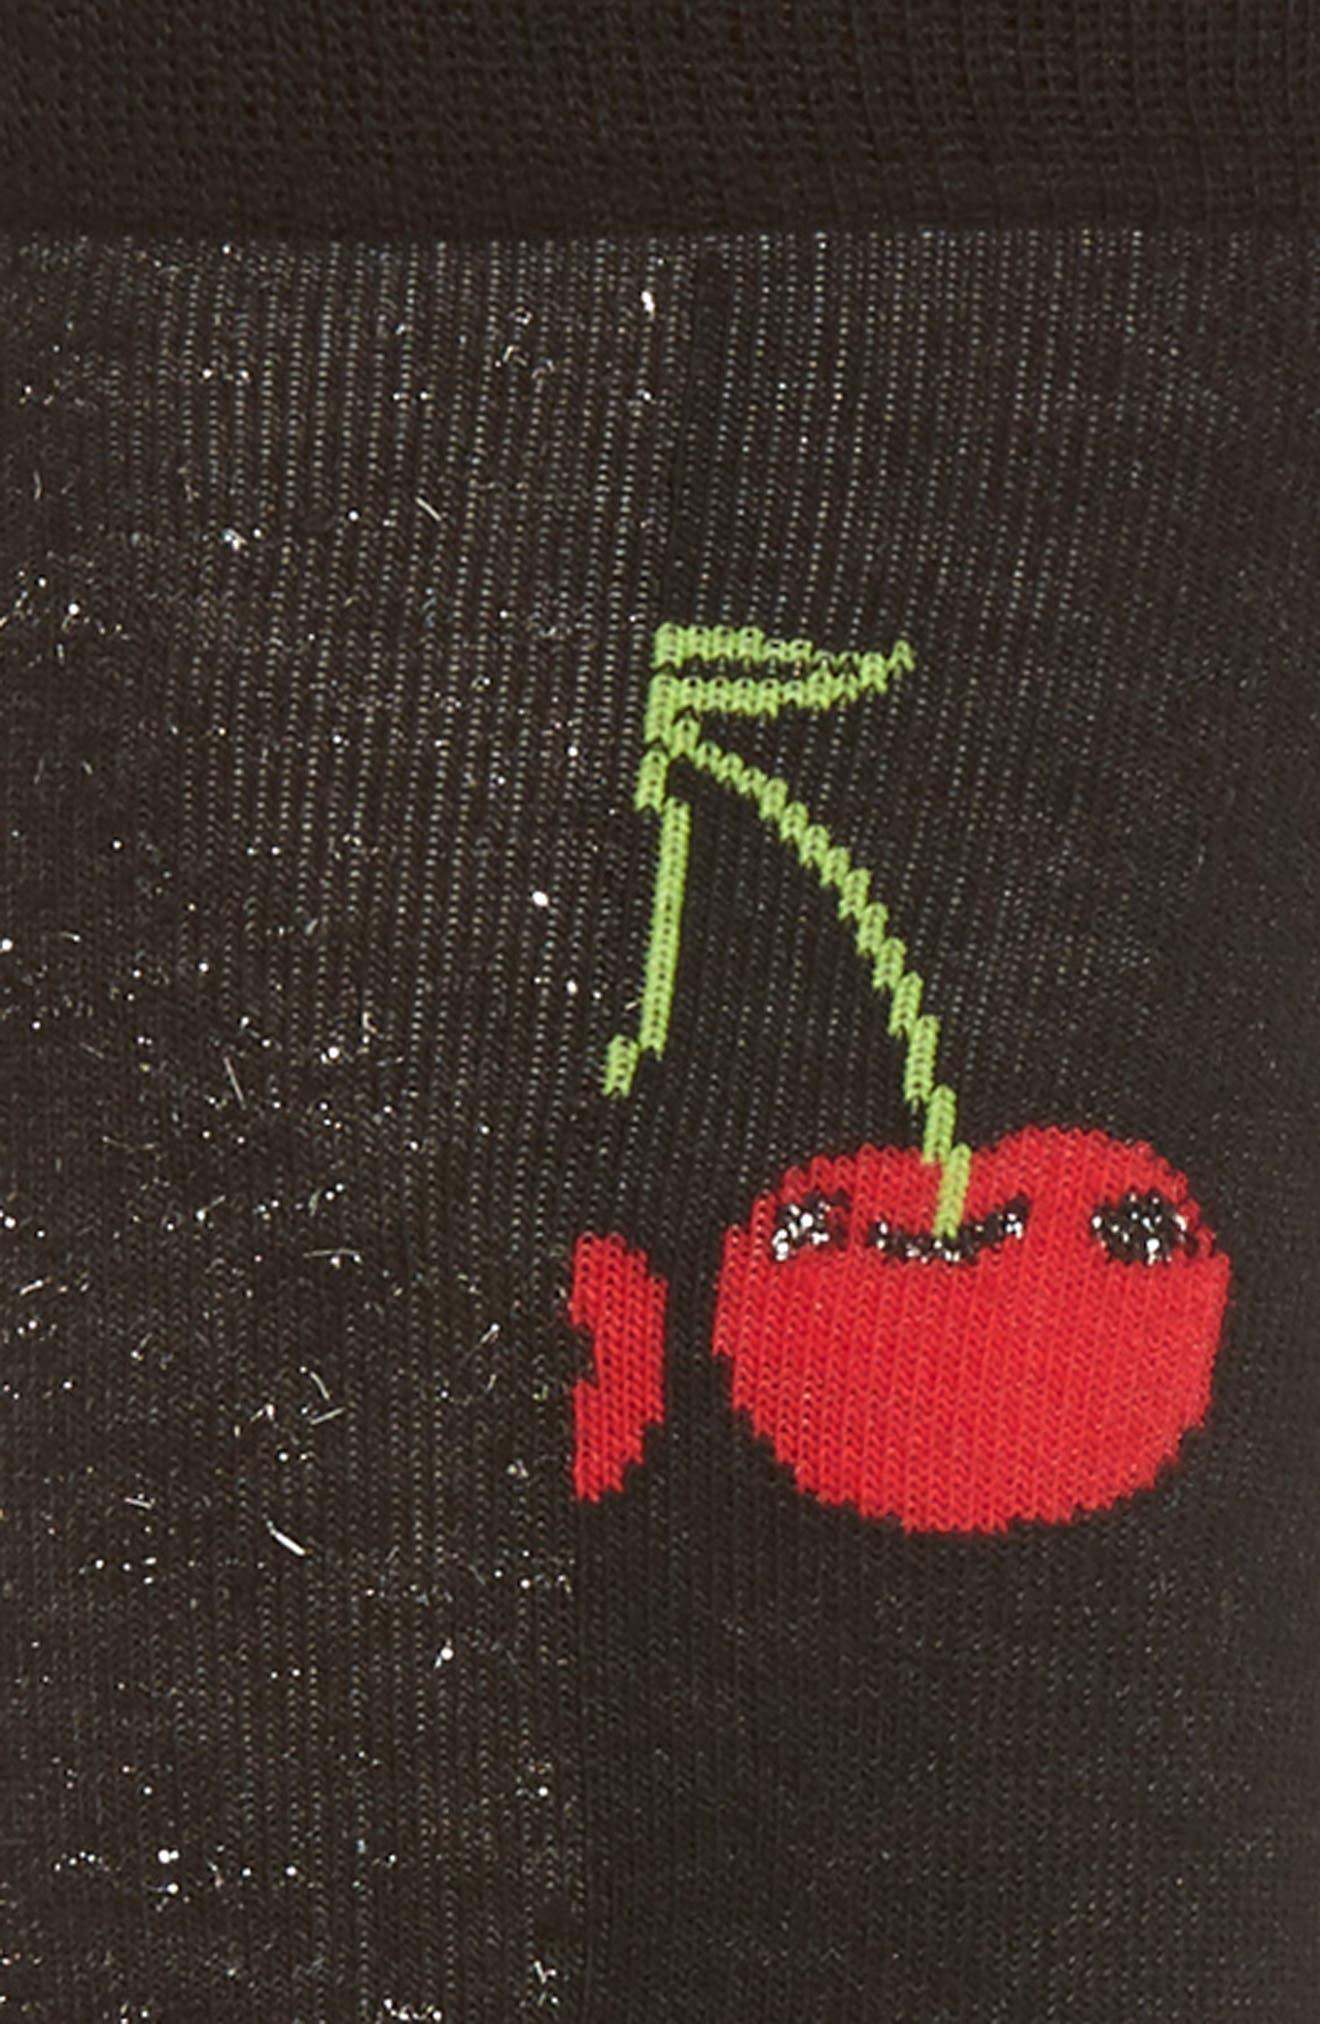 Cherry Crew Socks,                             Alternate thumbnail 2, color,                             Black/ Red